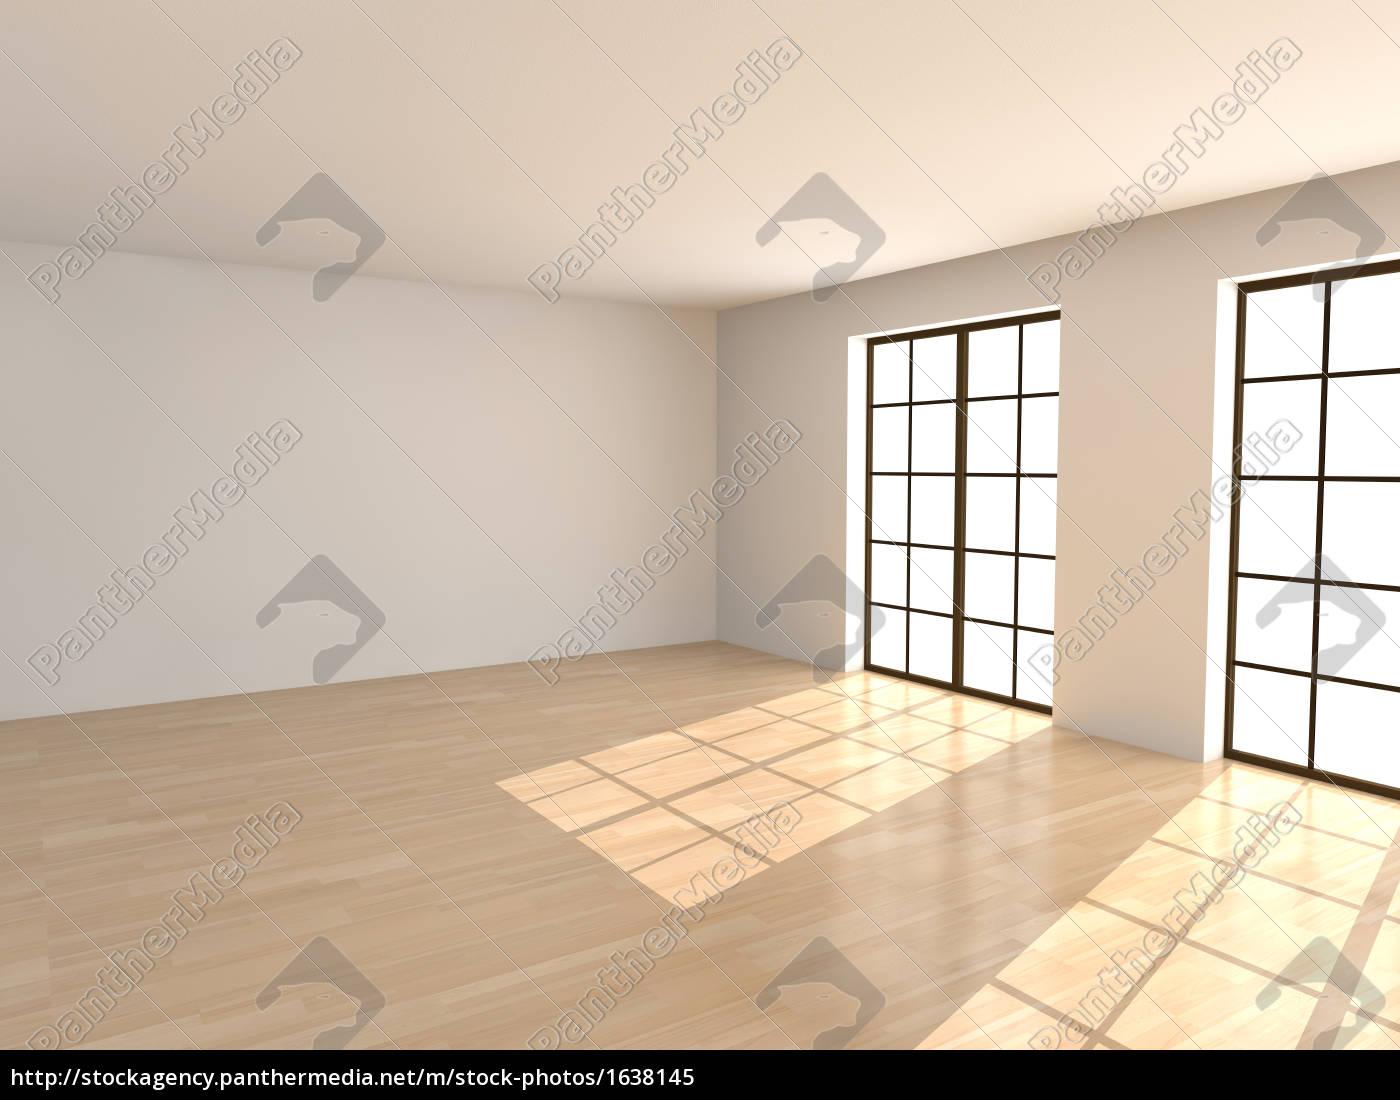 room - 1638145